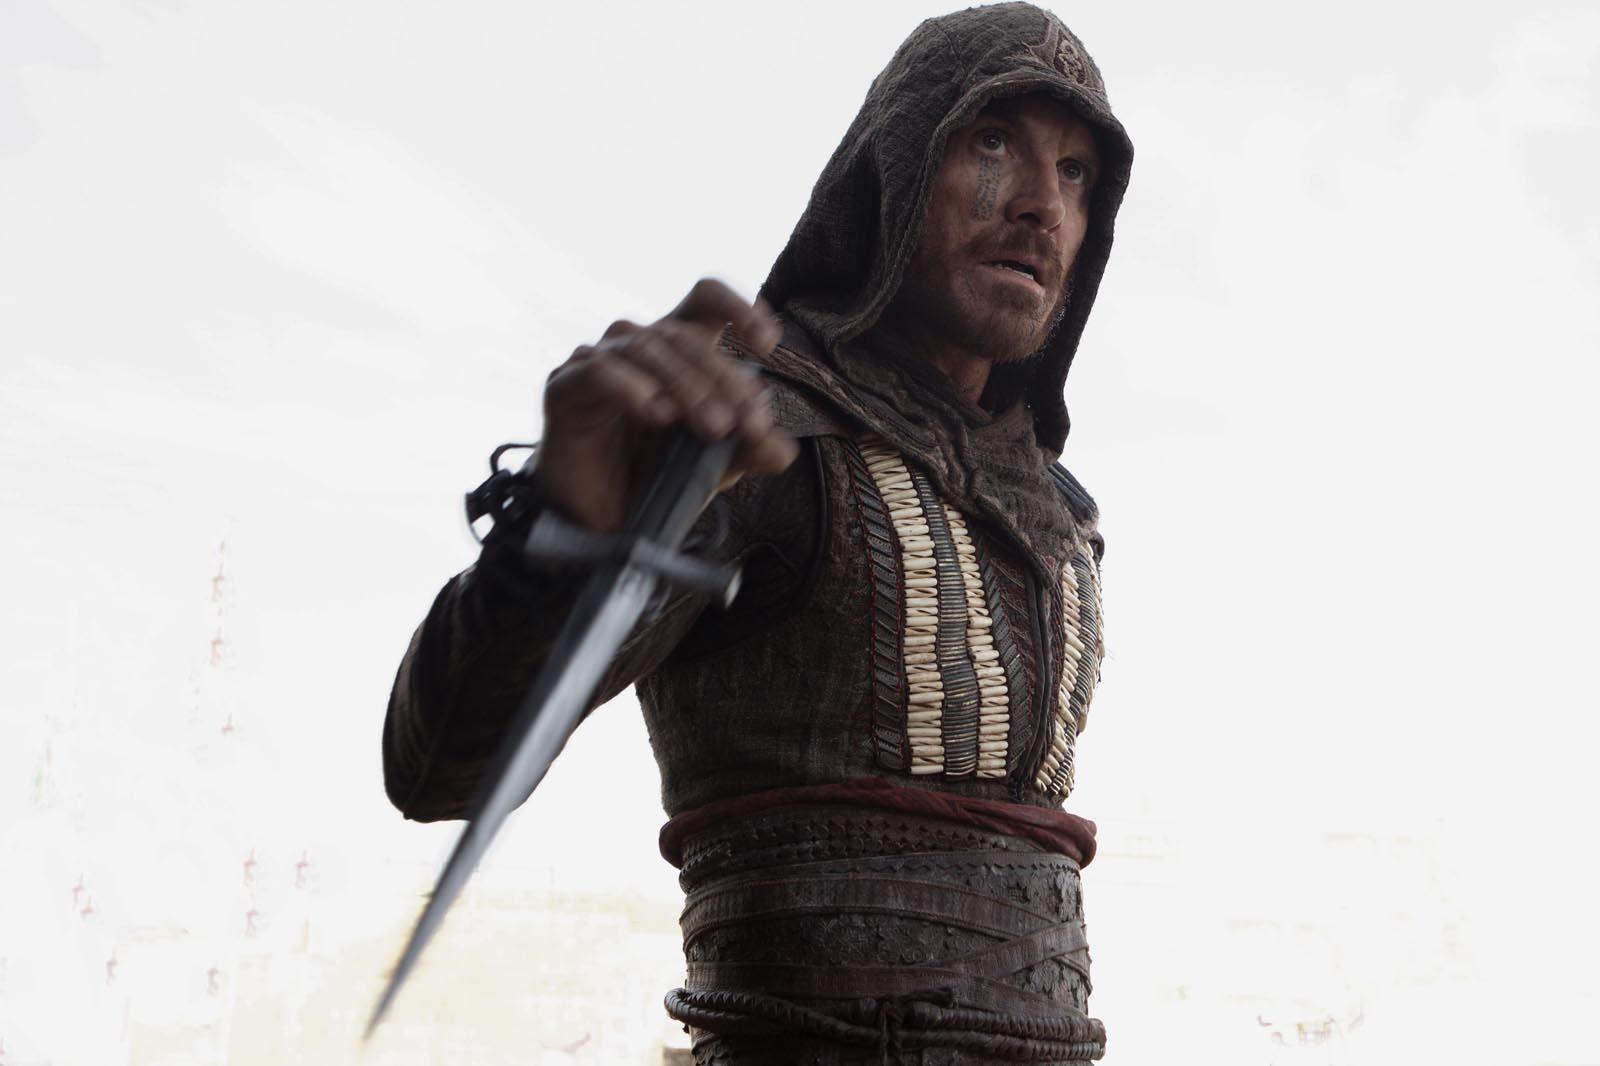 Sedm fotek z filmového Assassin's Creed 130639